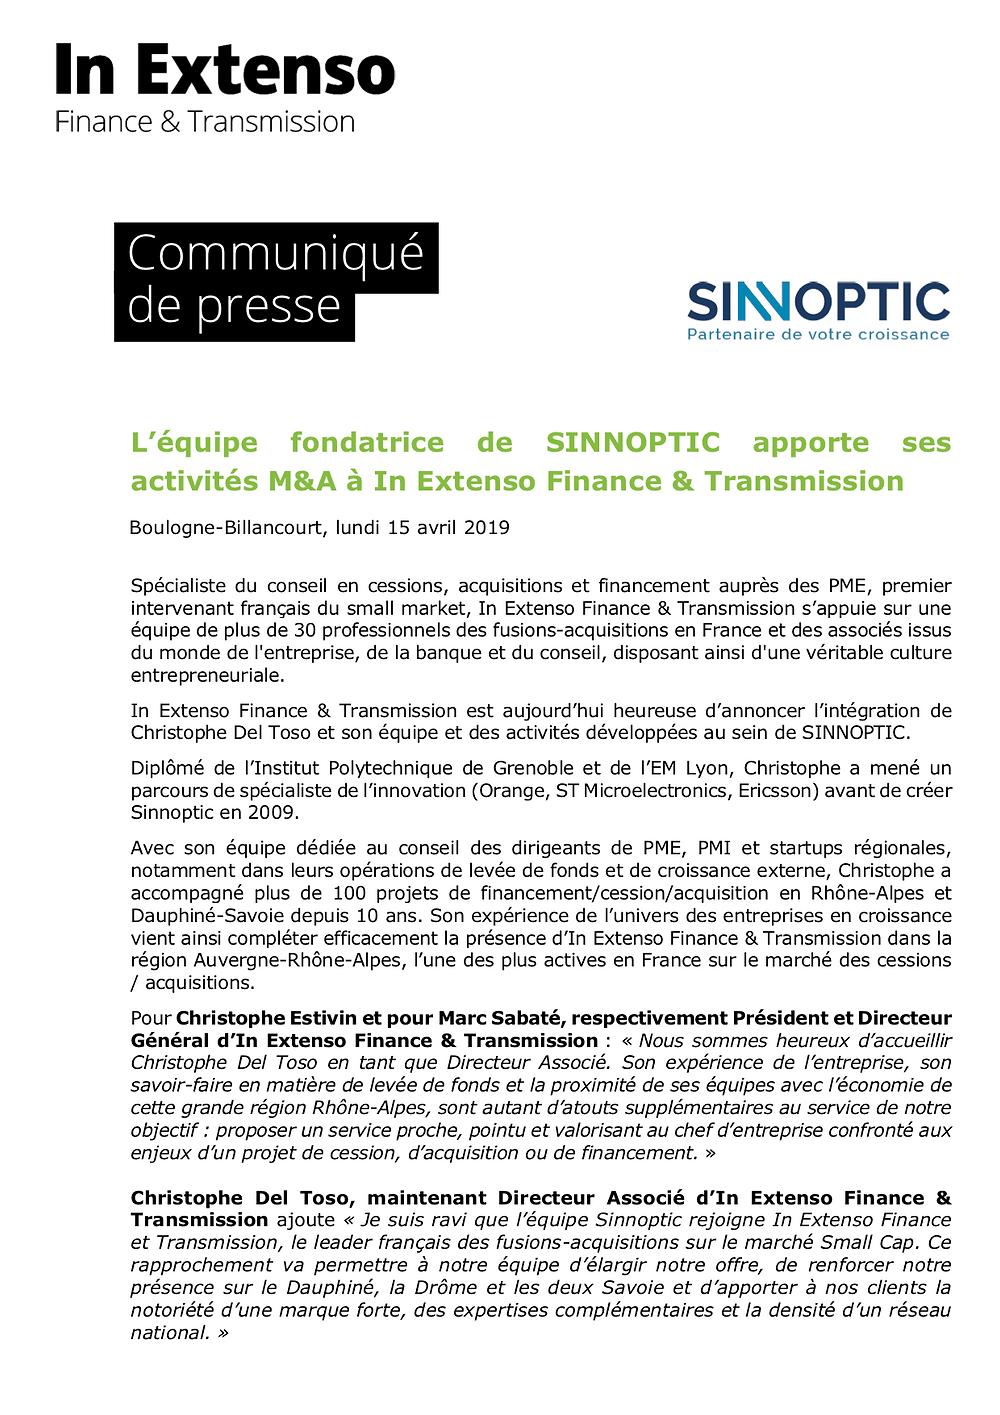 SINNOPTIC fête ses 10 ans et se rapproche d'In Extenso Finance et Transmission, le leader français de le fusion-acquisition sur le marché Small Cap.